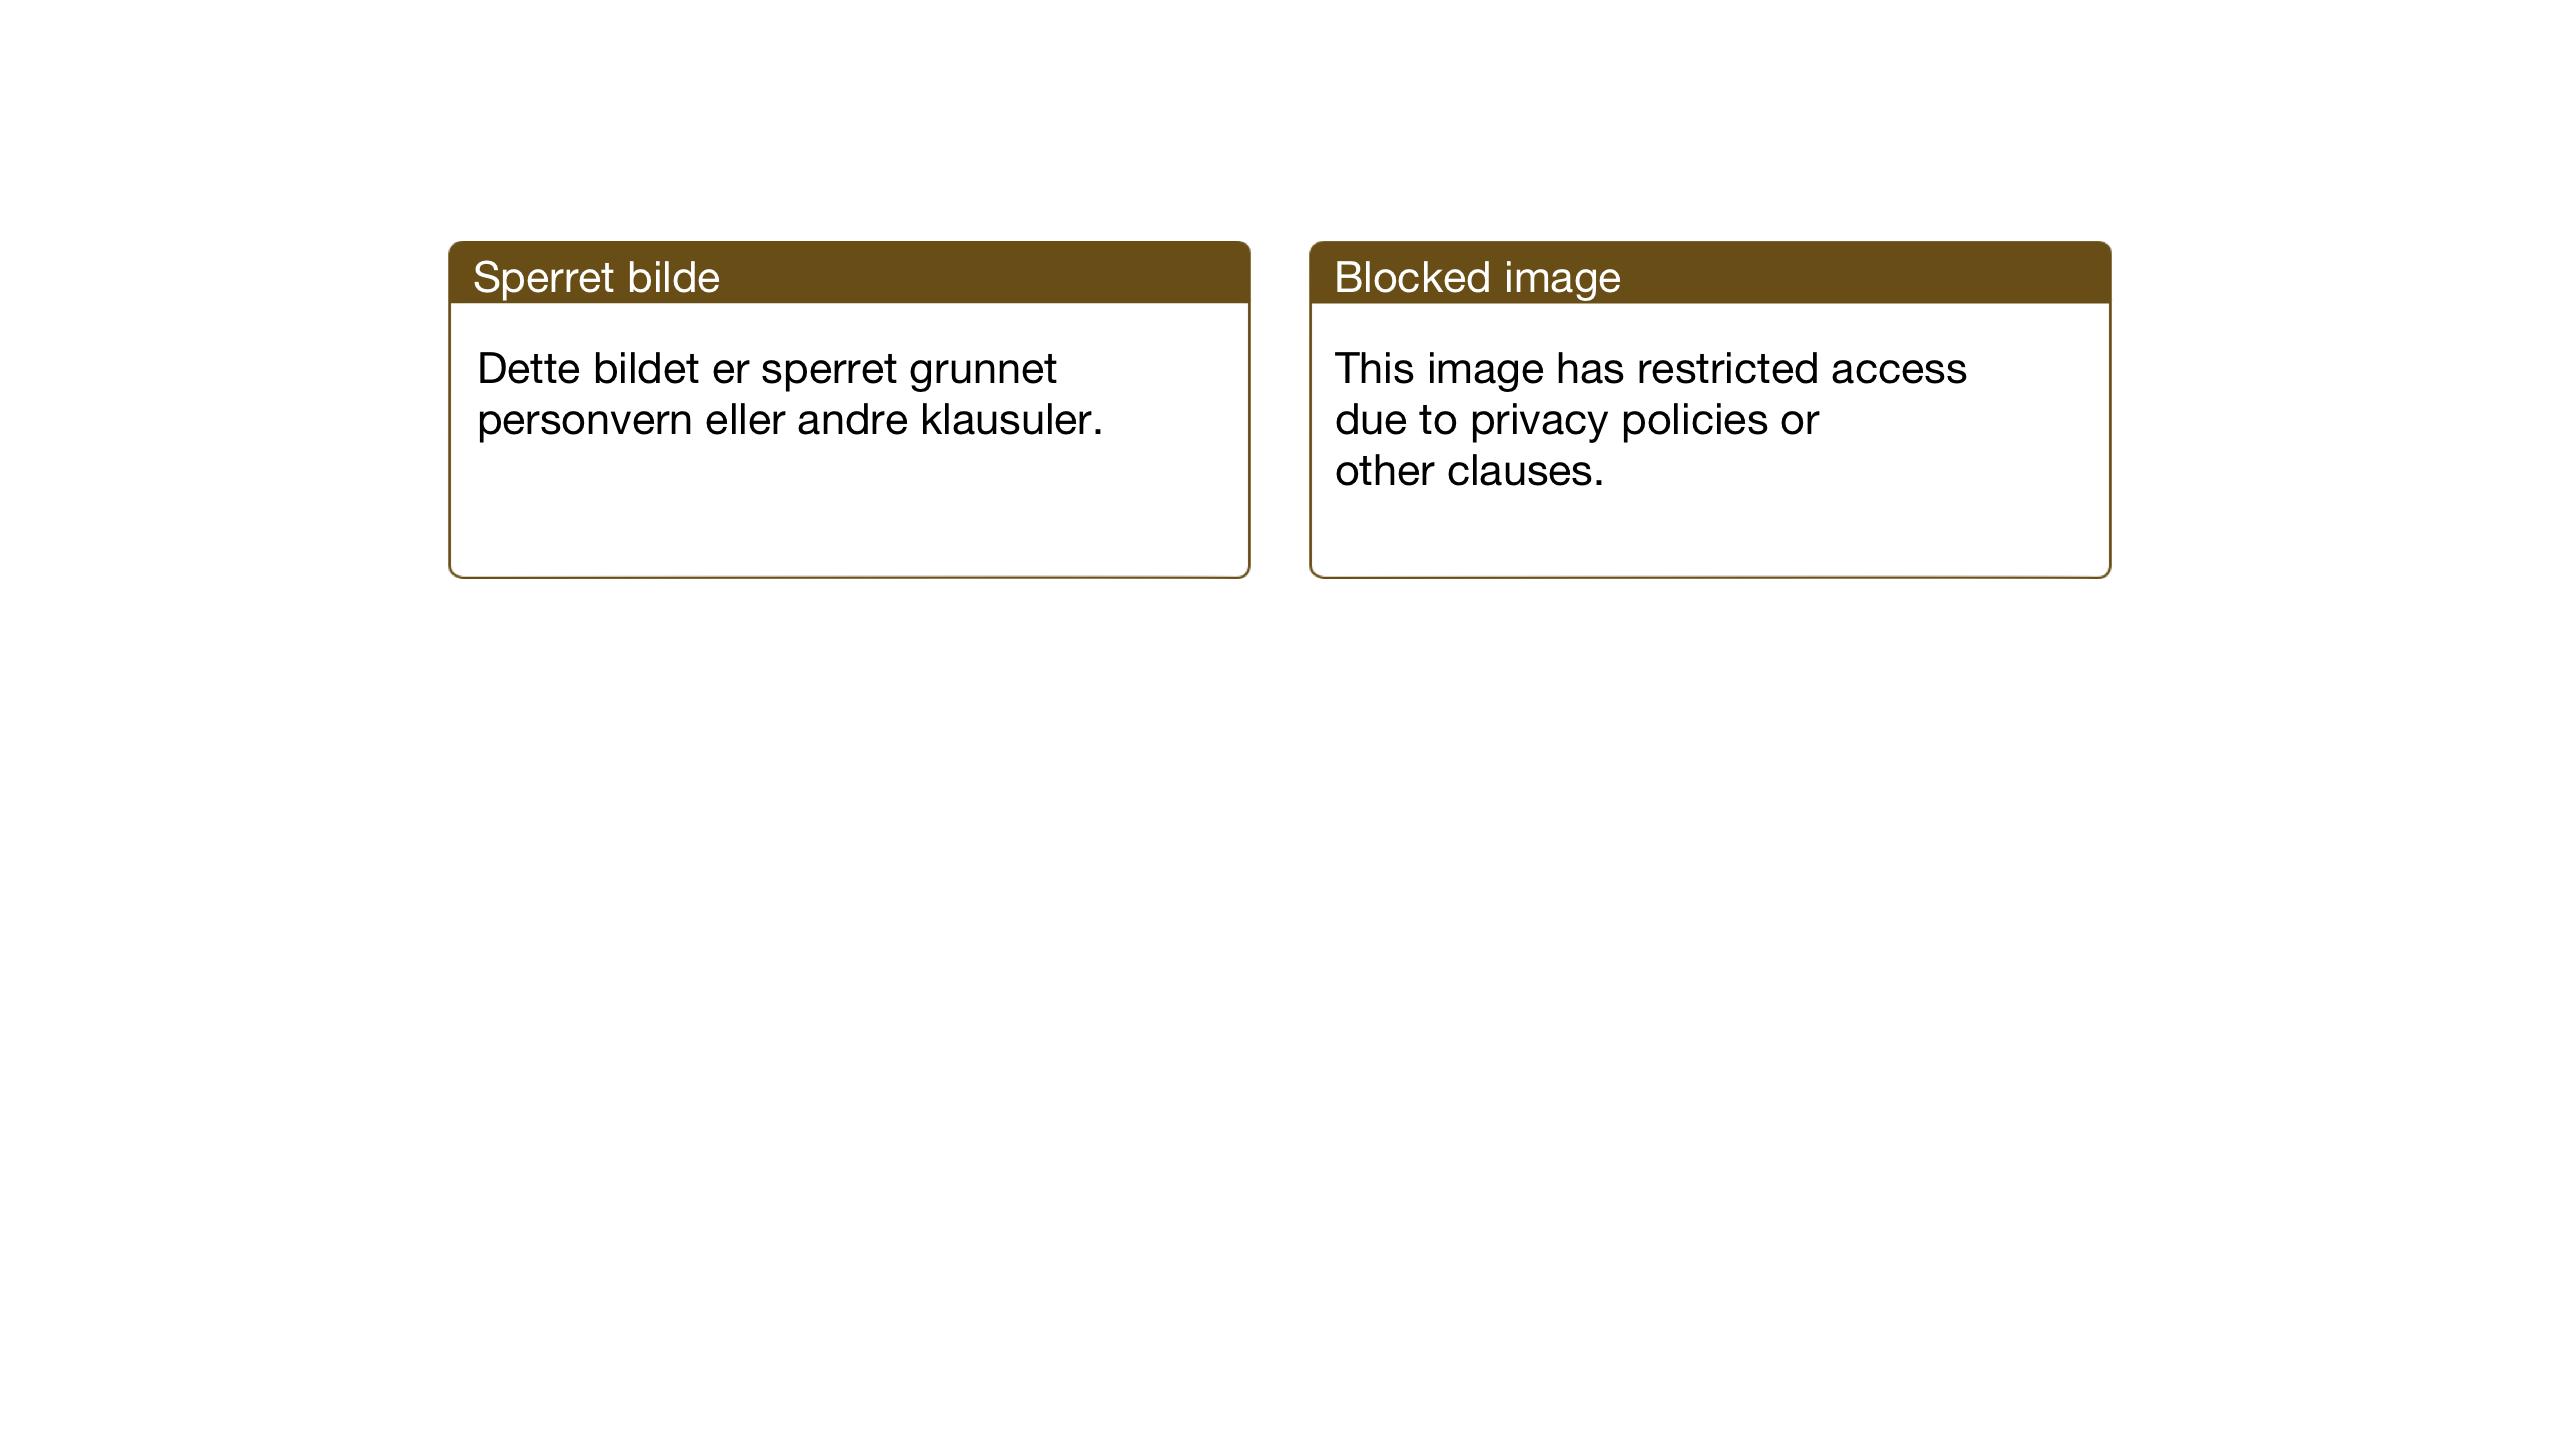 SAT, Ministerialprotokoller, klokkerbøker og fødselsregistre - Nord-Trøndelag, 748/L0465: Klokkerbok nr. 748C01, 1908-1960, s. 30